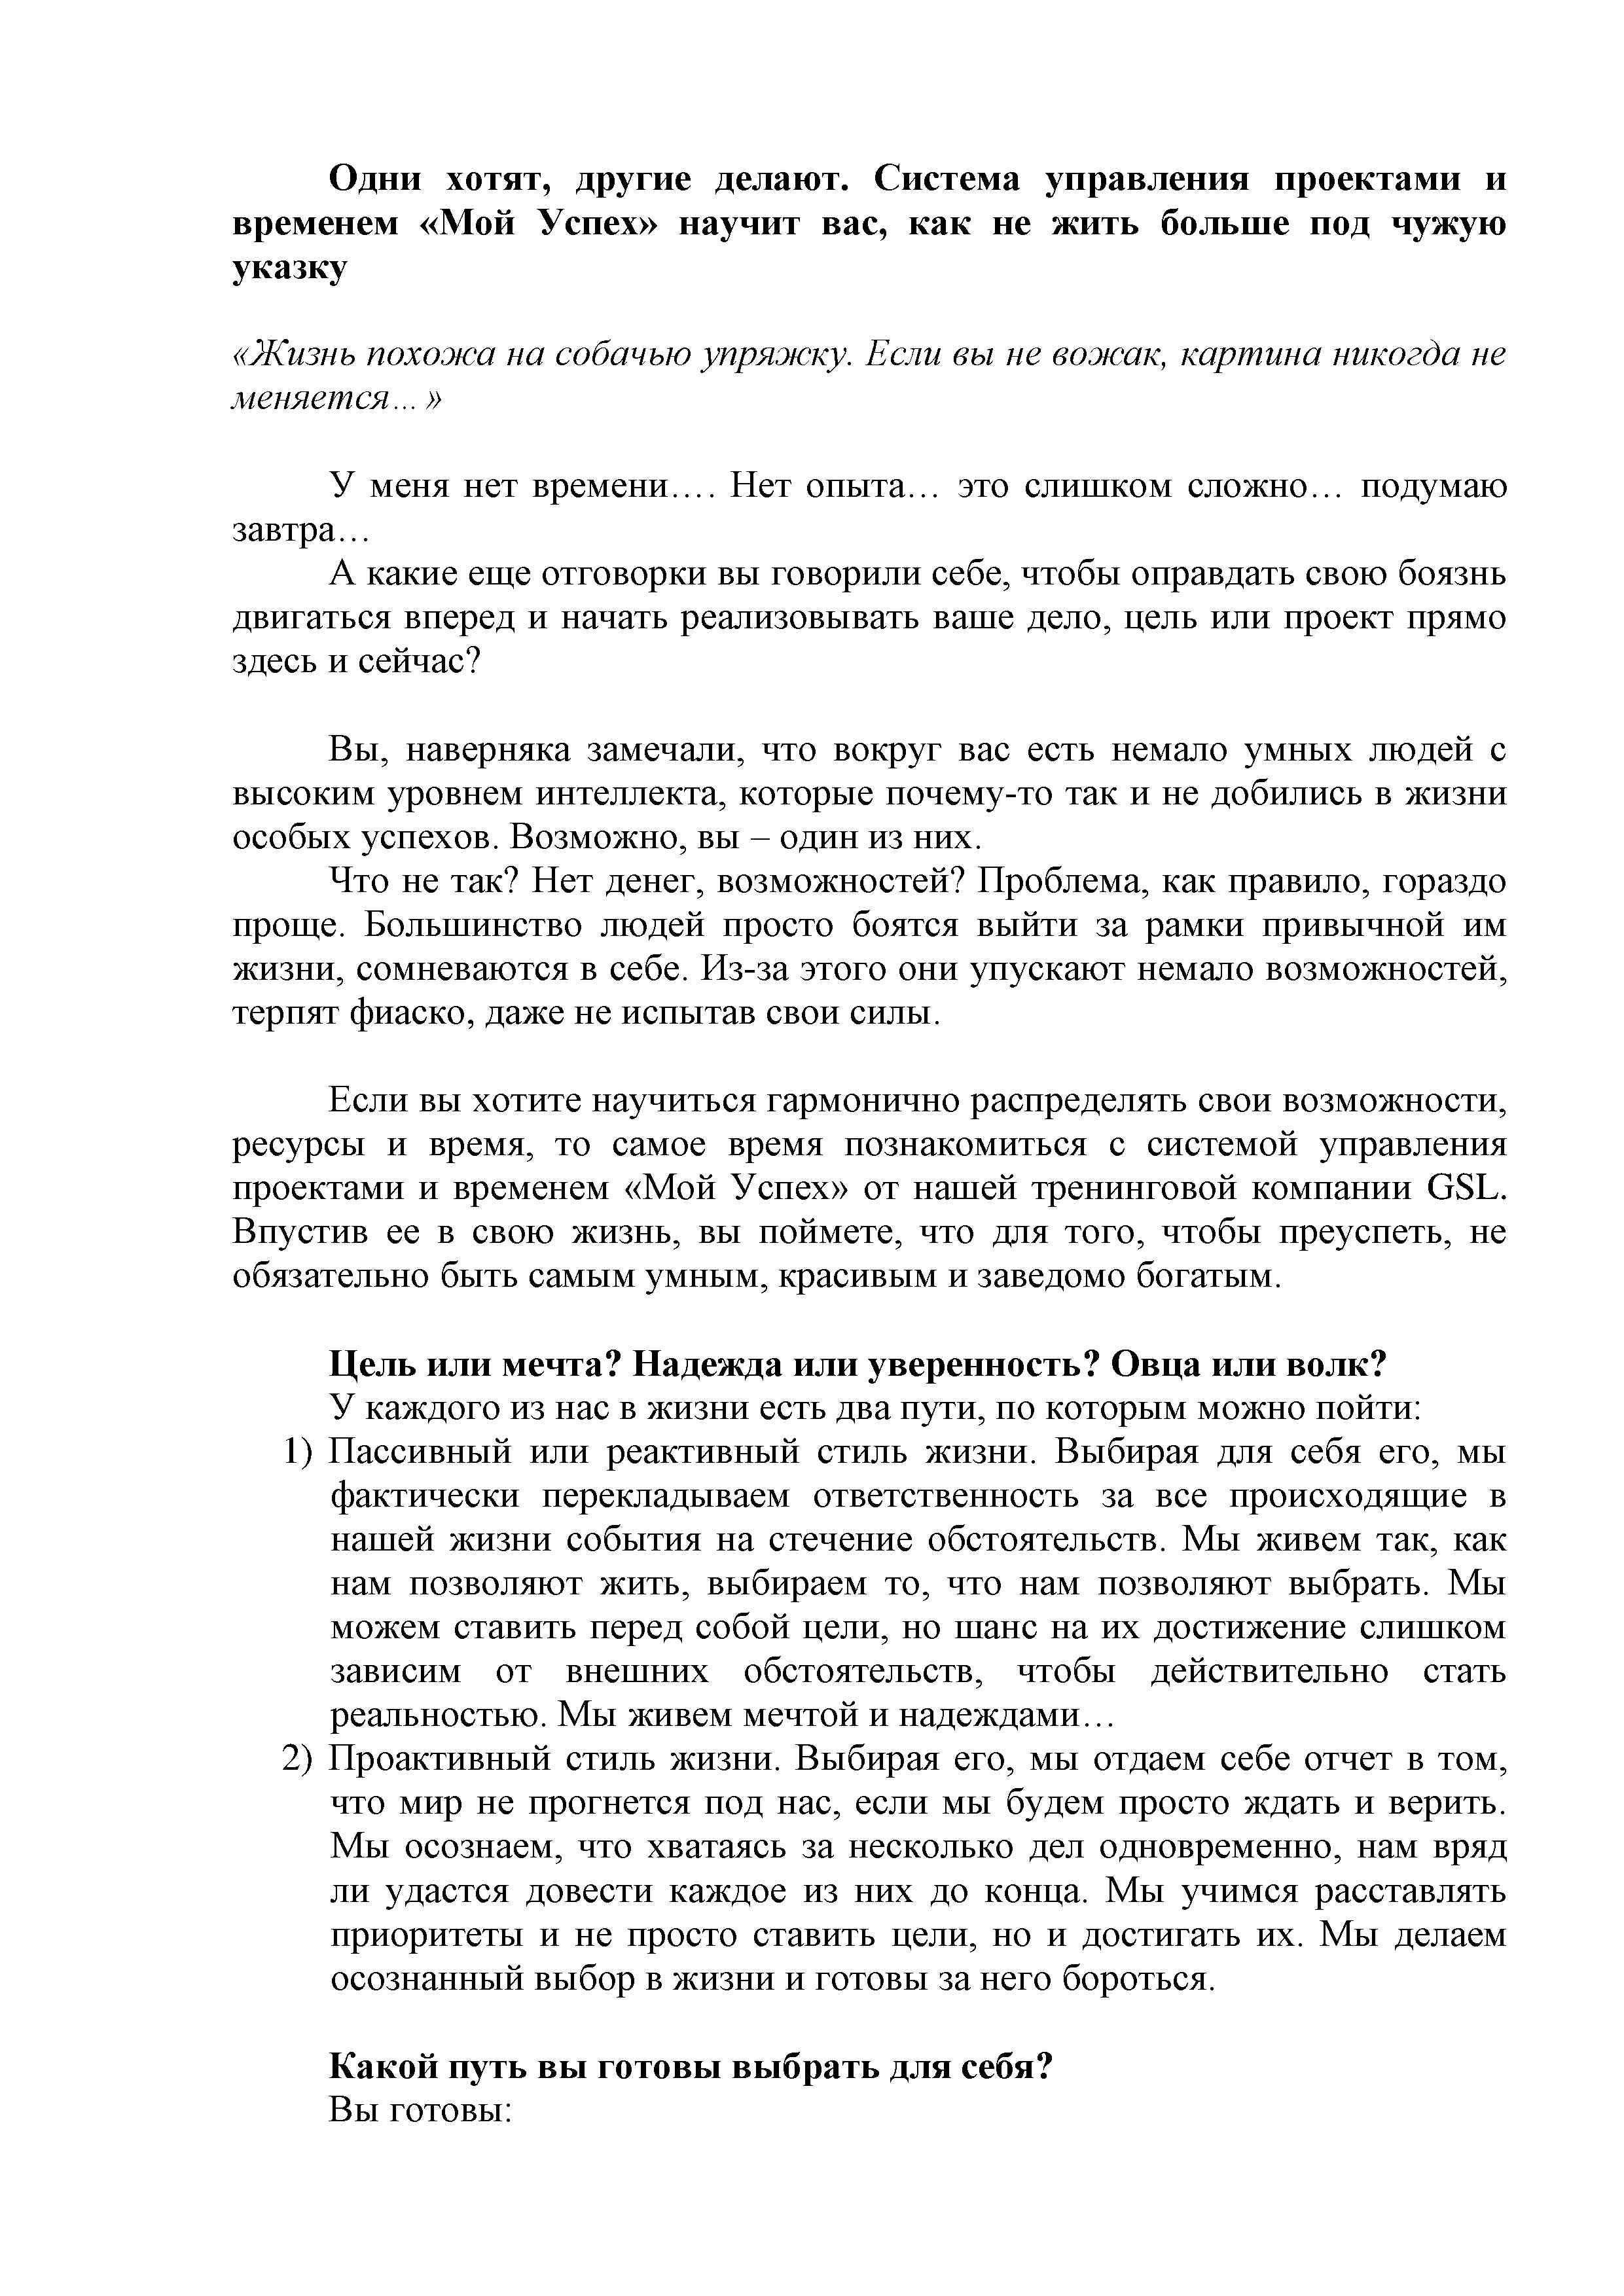 """Система управления проектами """"Мой успех""""(Landing Page)"""